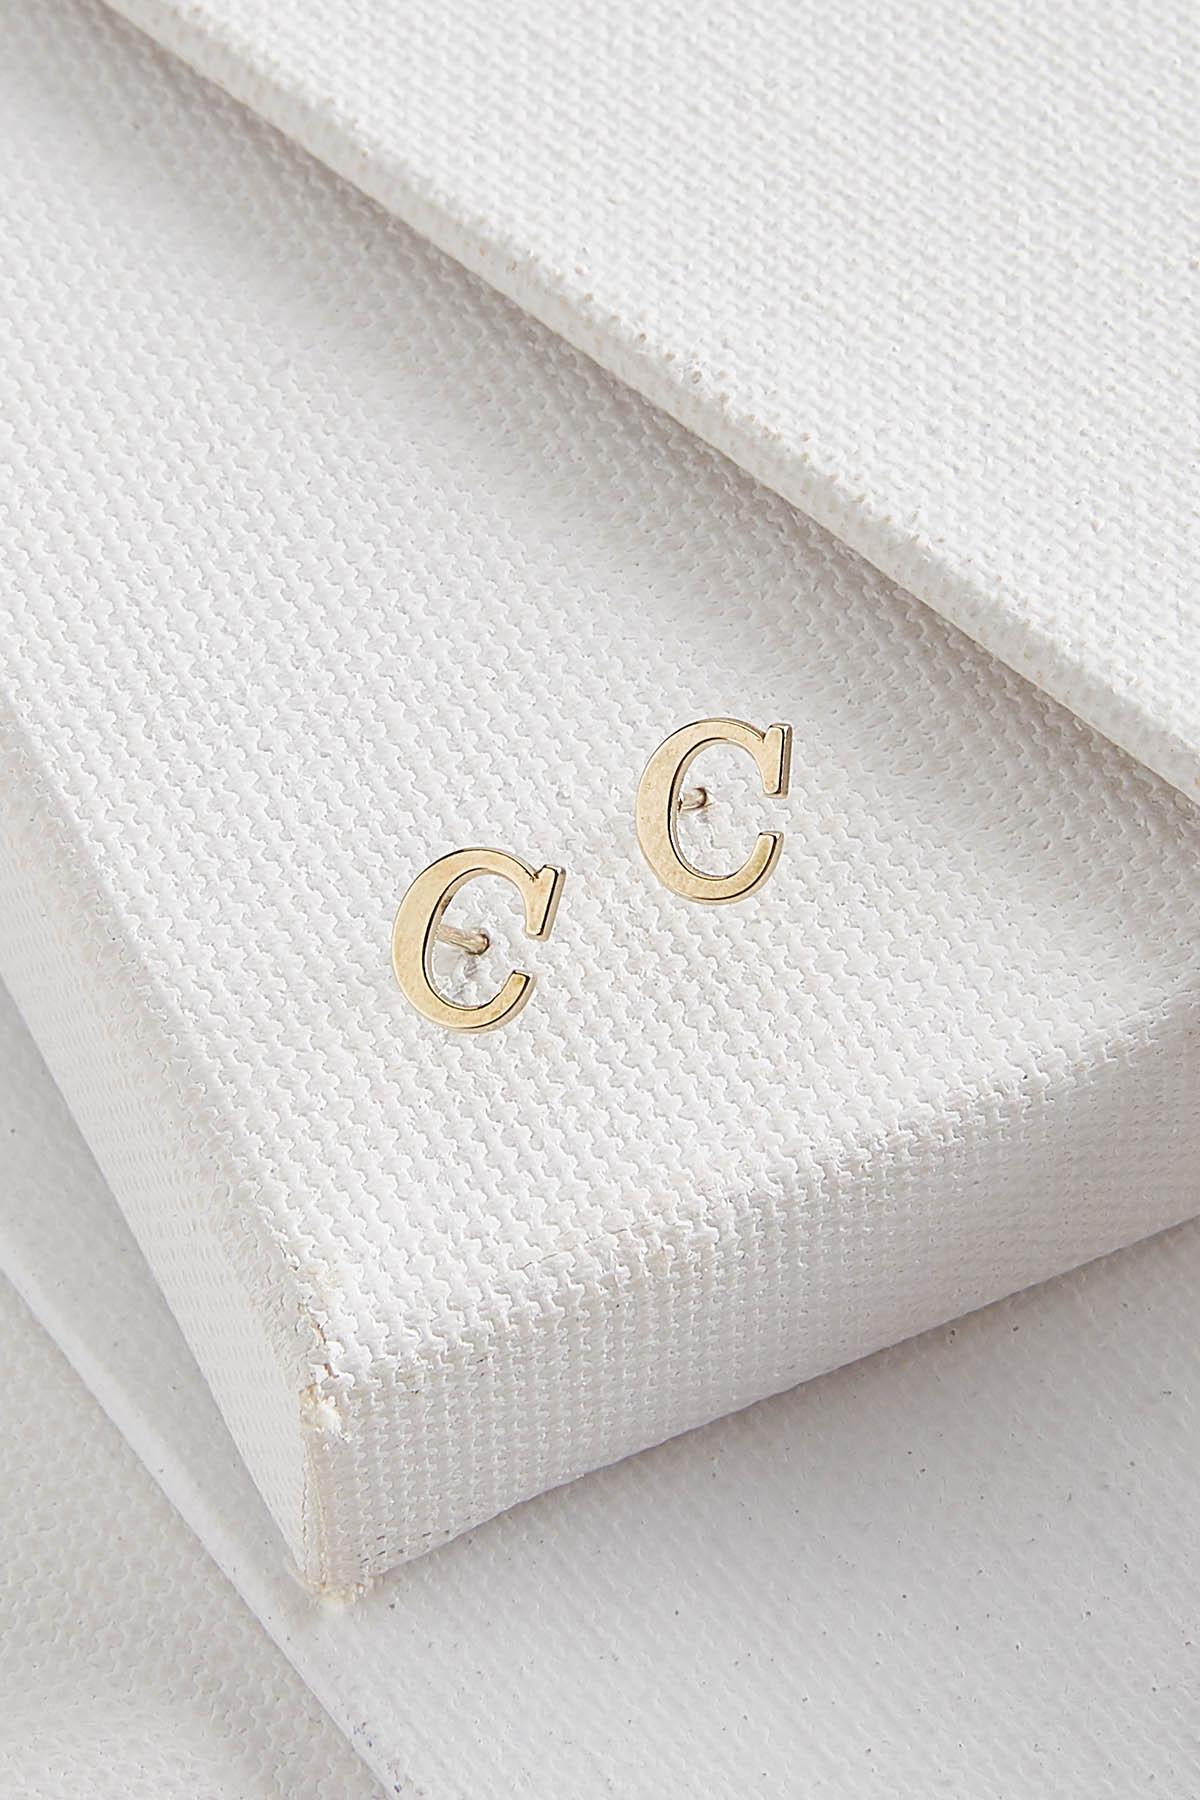 Dainty Initial C Earrings